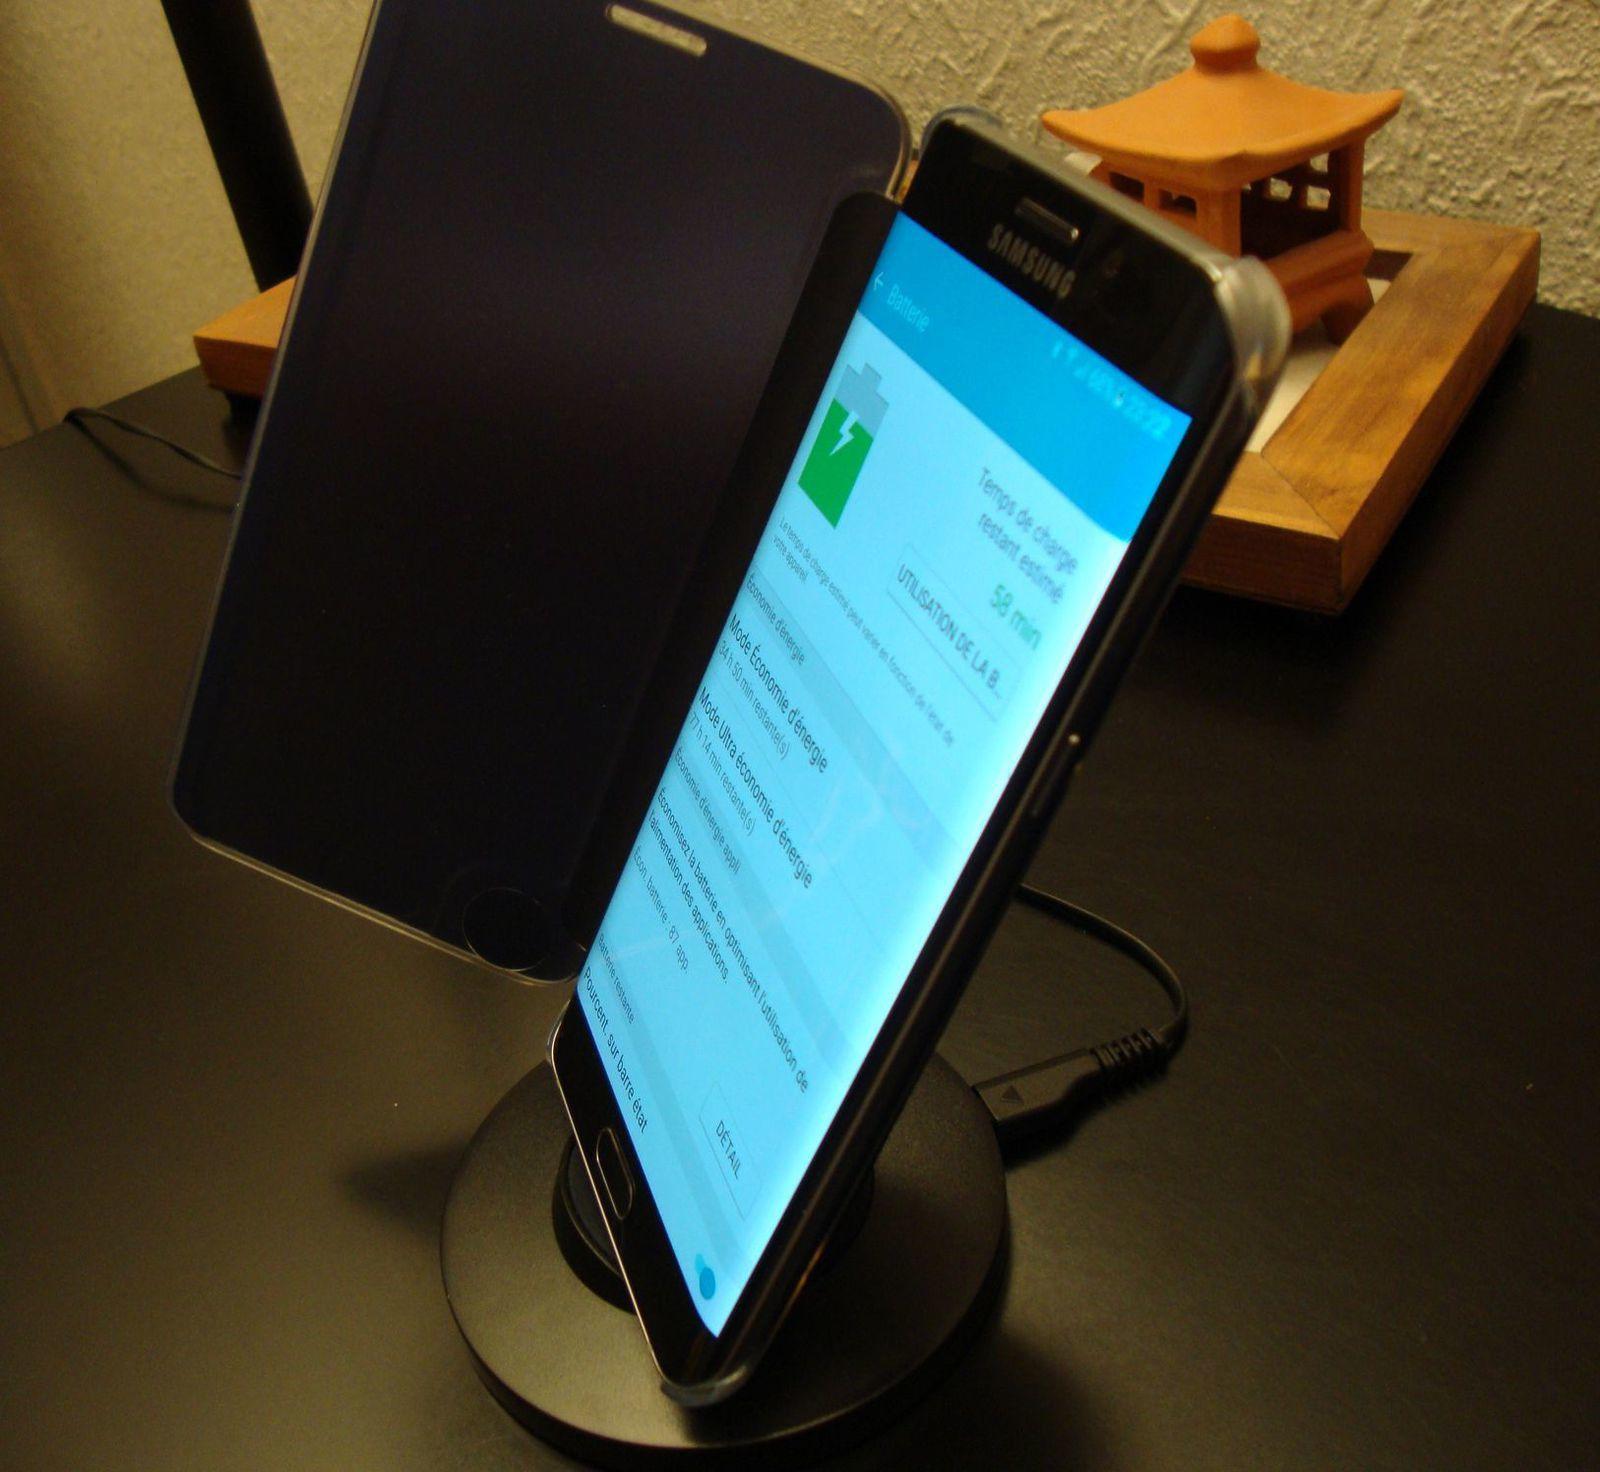 Le chargeur Inductif Brainwizz en image...Et en action sur Mobile S6